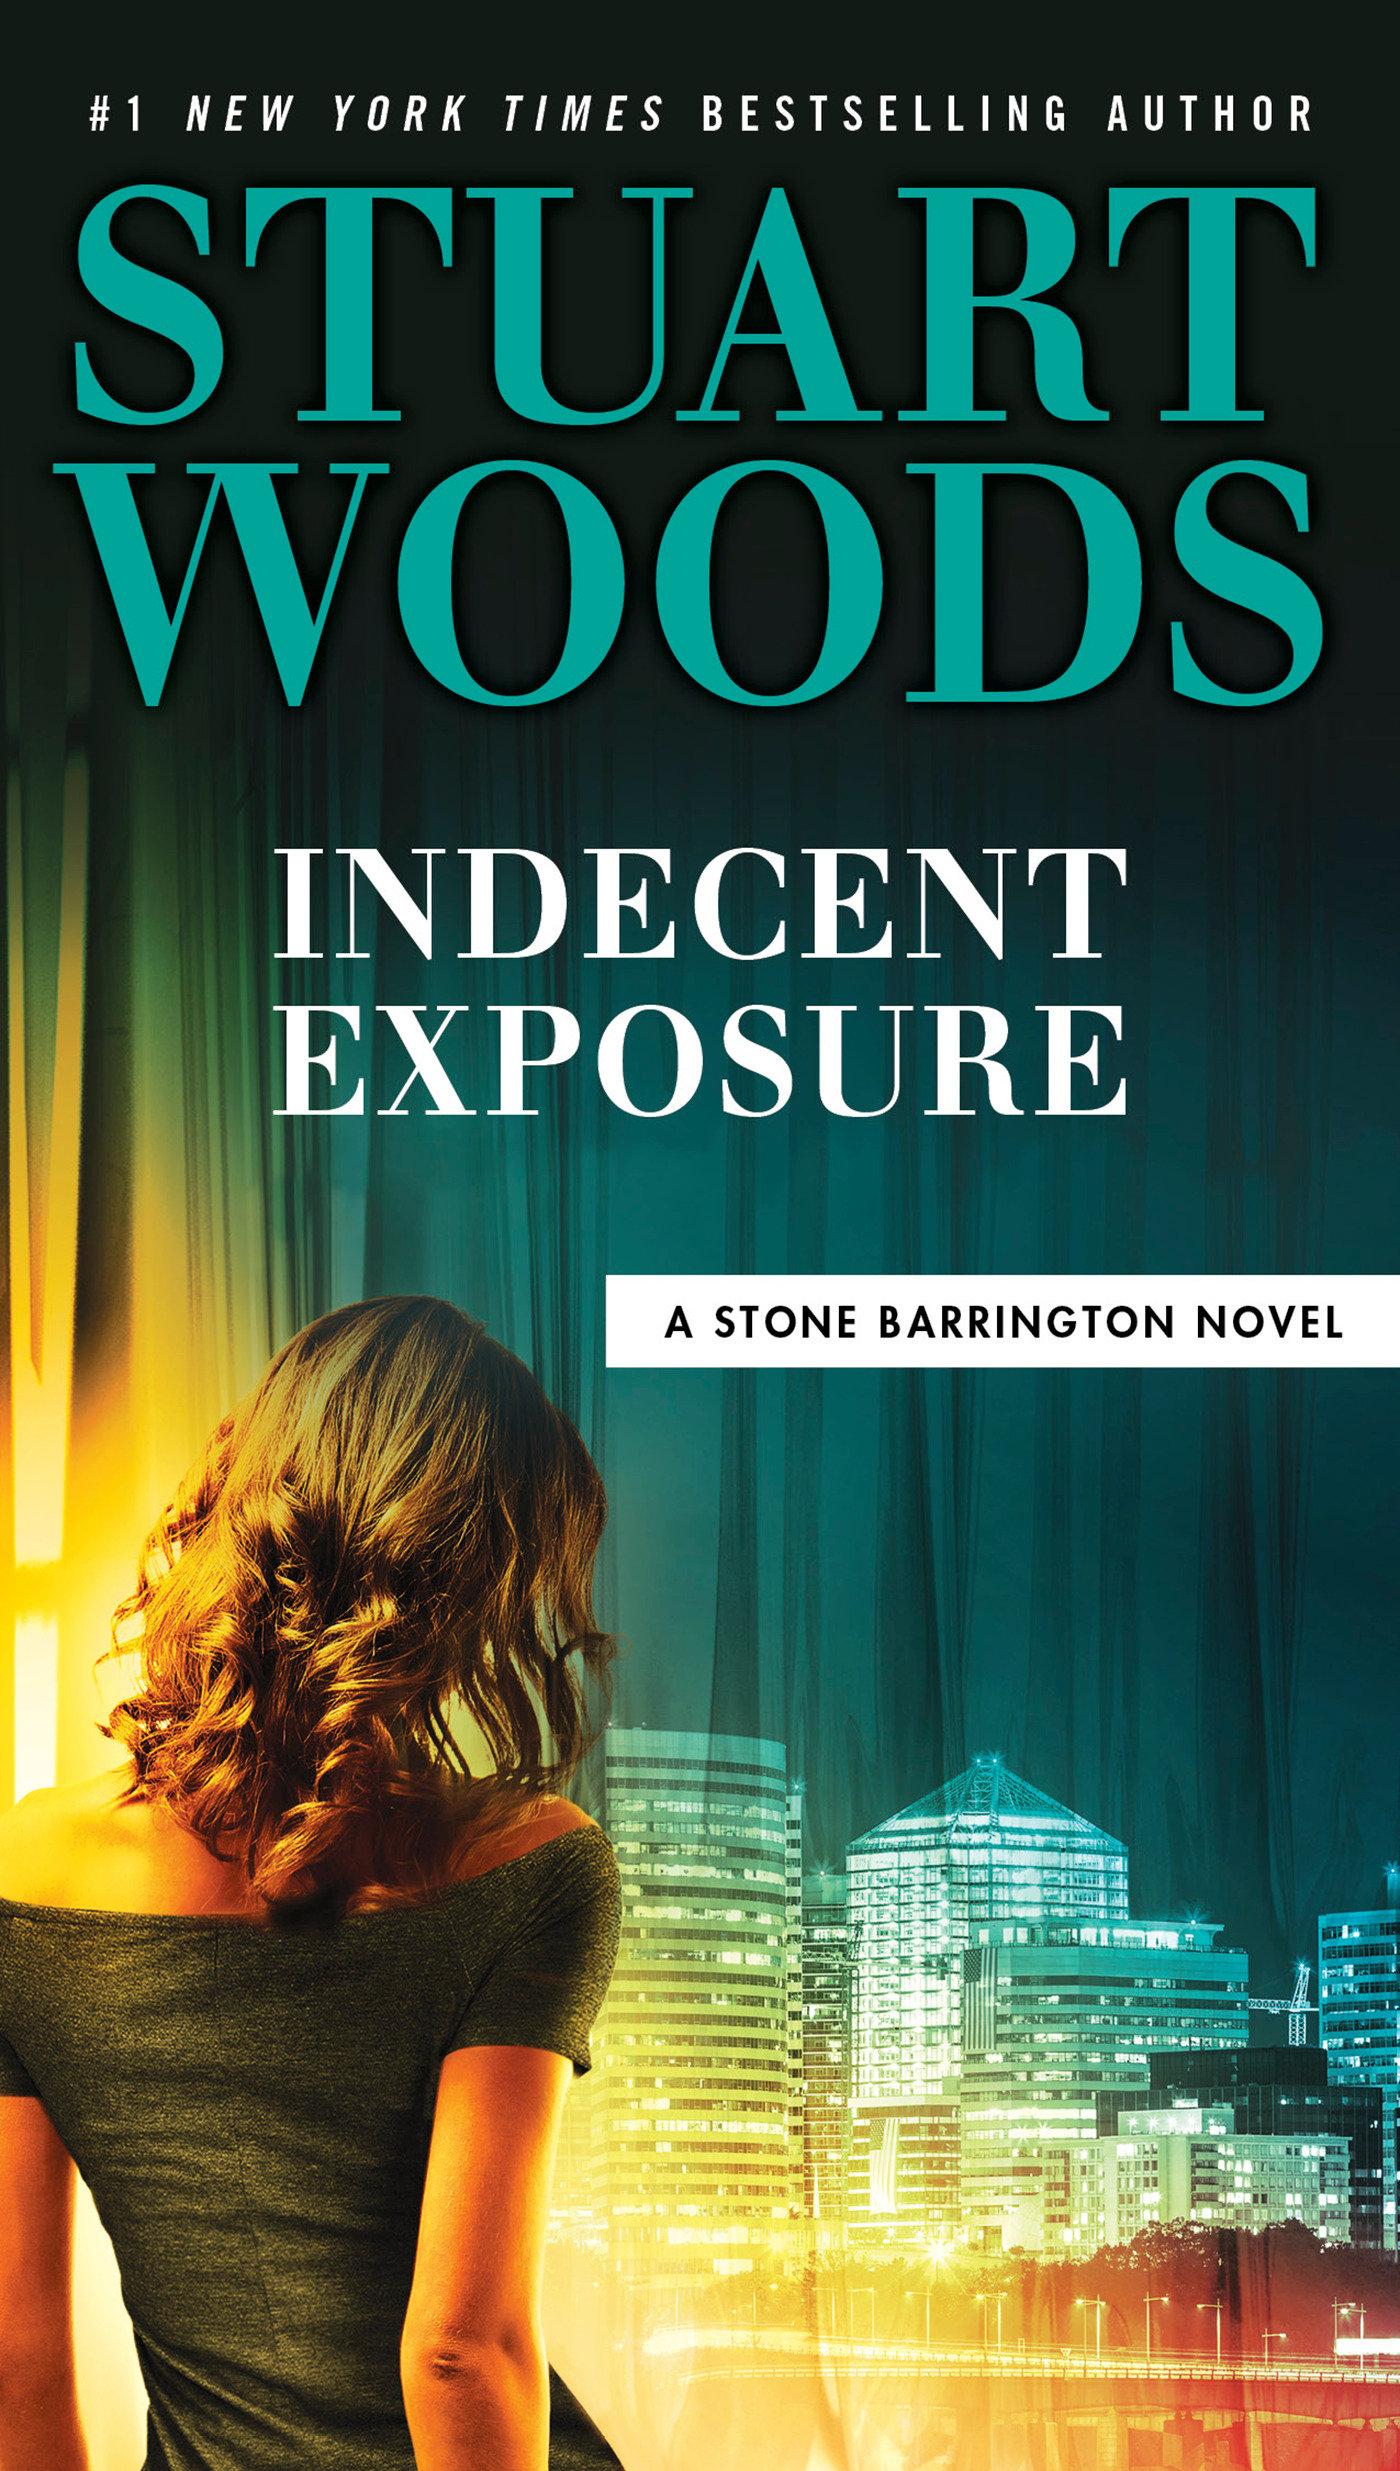 Indecent exposure [eBook]